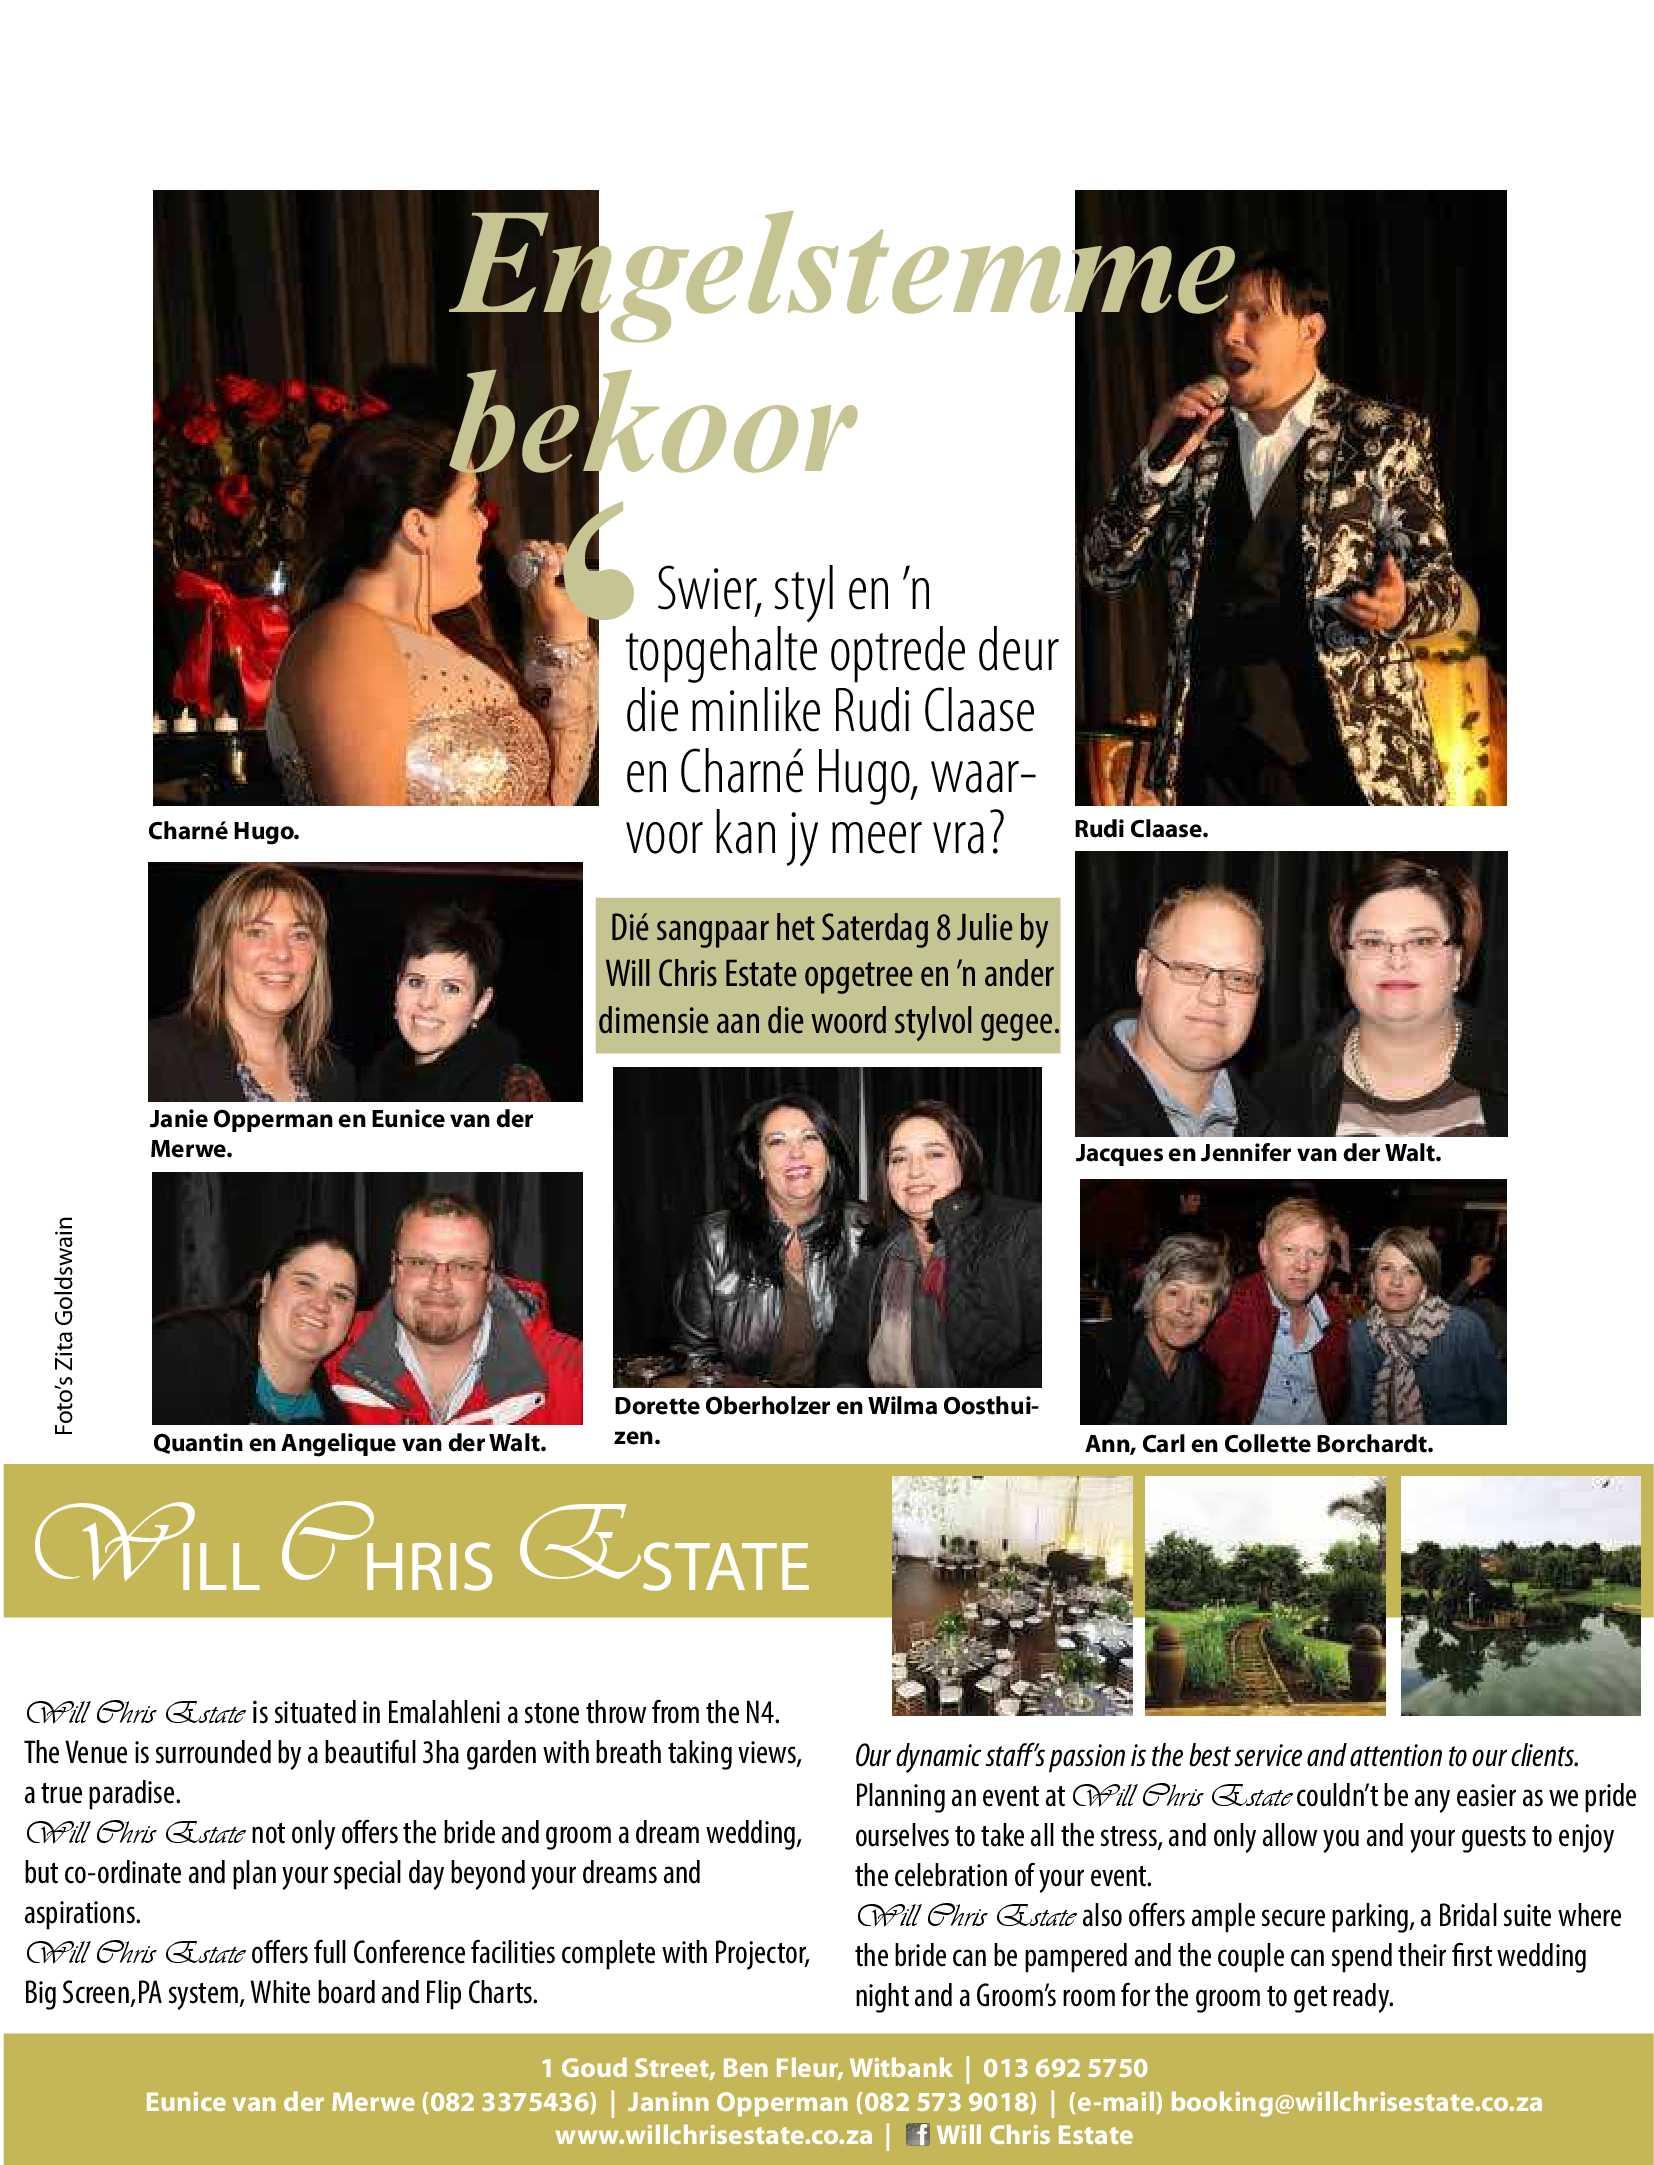 get-middelburg-september-2017-epapers-page-13